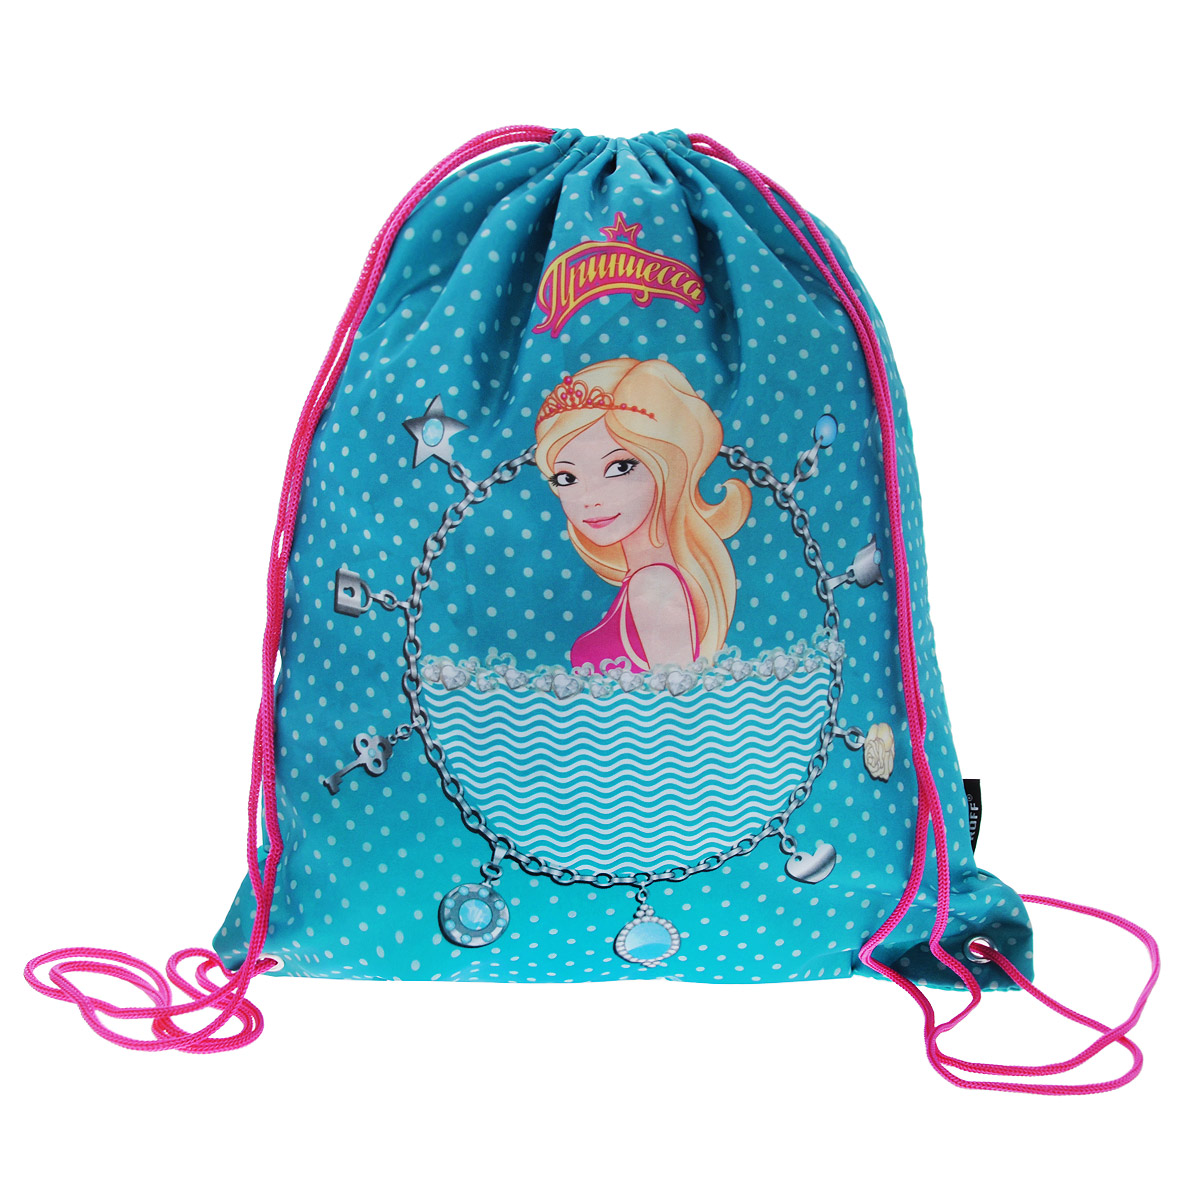 Proff Сумка для сменной обуви Принцесса цвет бирюзовыйMP15-SB-001Сумку Proff Принцесса удобно использовать как для хранения, так и для переноски сменной обуви. Она выполнена из прочного полиэстера и затягивается сверху текстильными шнурками. Сумка оформлена ярким изображением принцессы. Шнурки фиксируются в нижней части сумки, благодаря чему ее можно носить за спиной как рюкзак. Рекомендовано для детей старше трех лет.